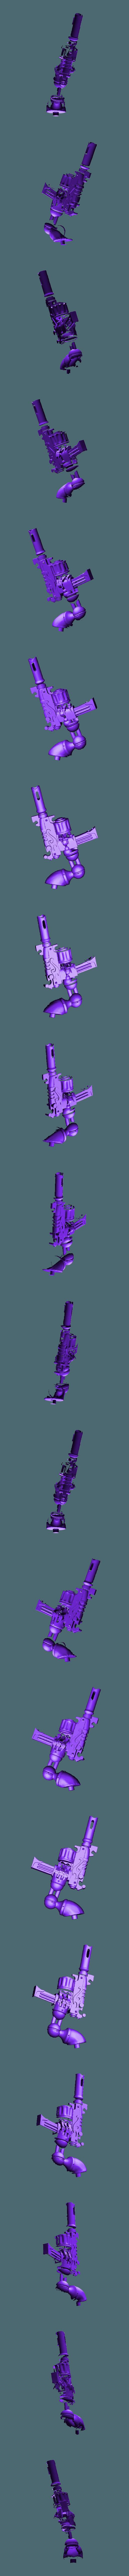 Princeps_leftarm_Flechette_blaster.stl Download free STL file Martian Leader of Stealthy Intruders • 3D printing template, ErikTheHeretek